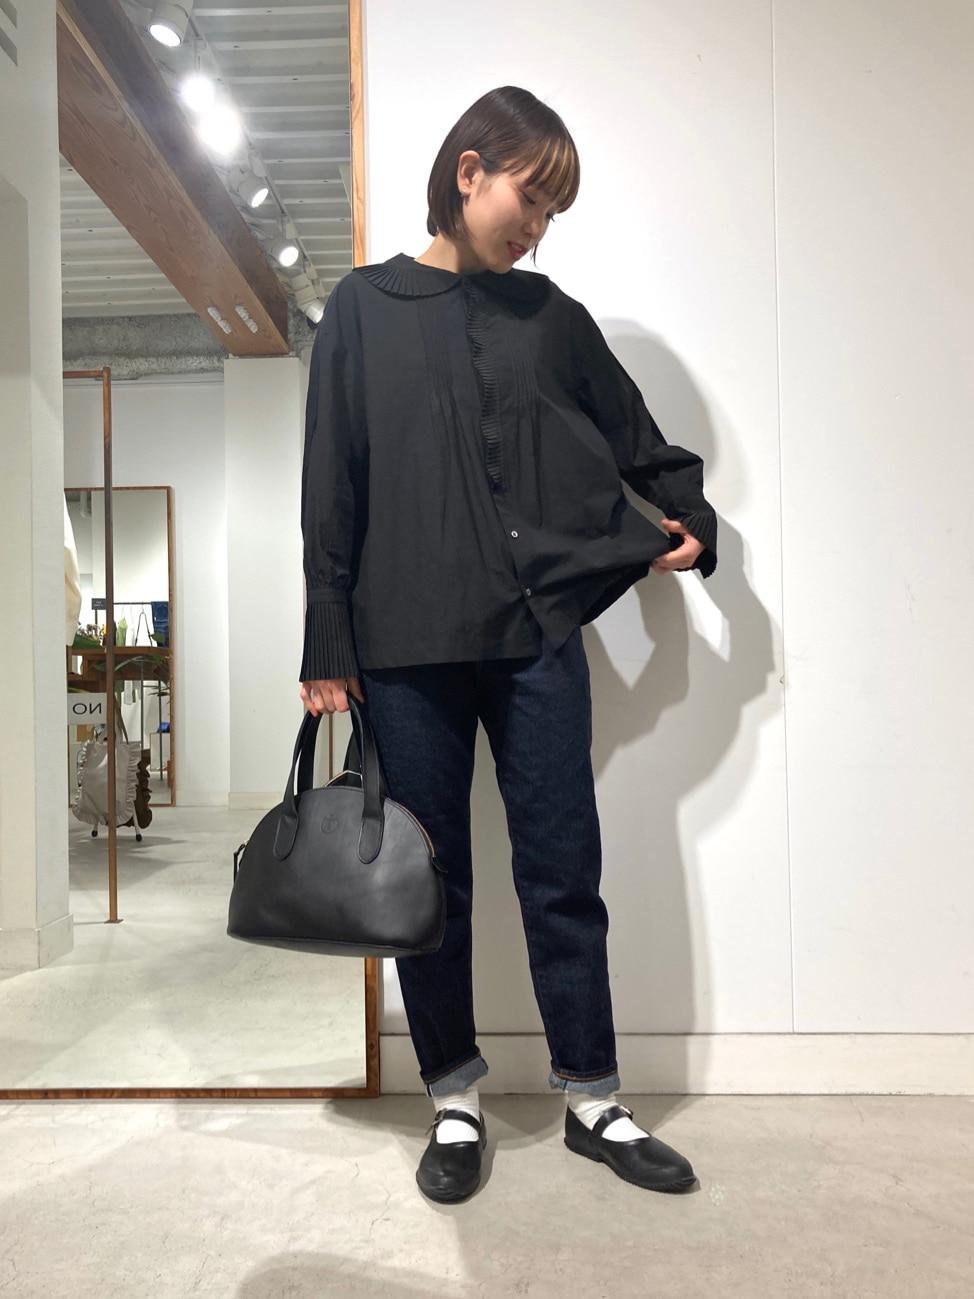 名古屋栄路面 2021.01.12